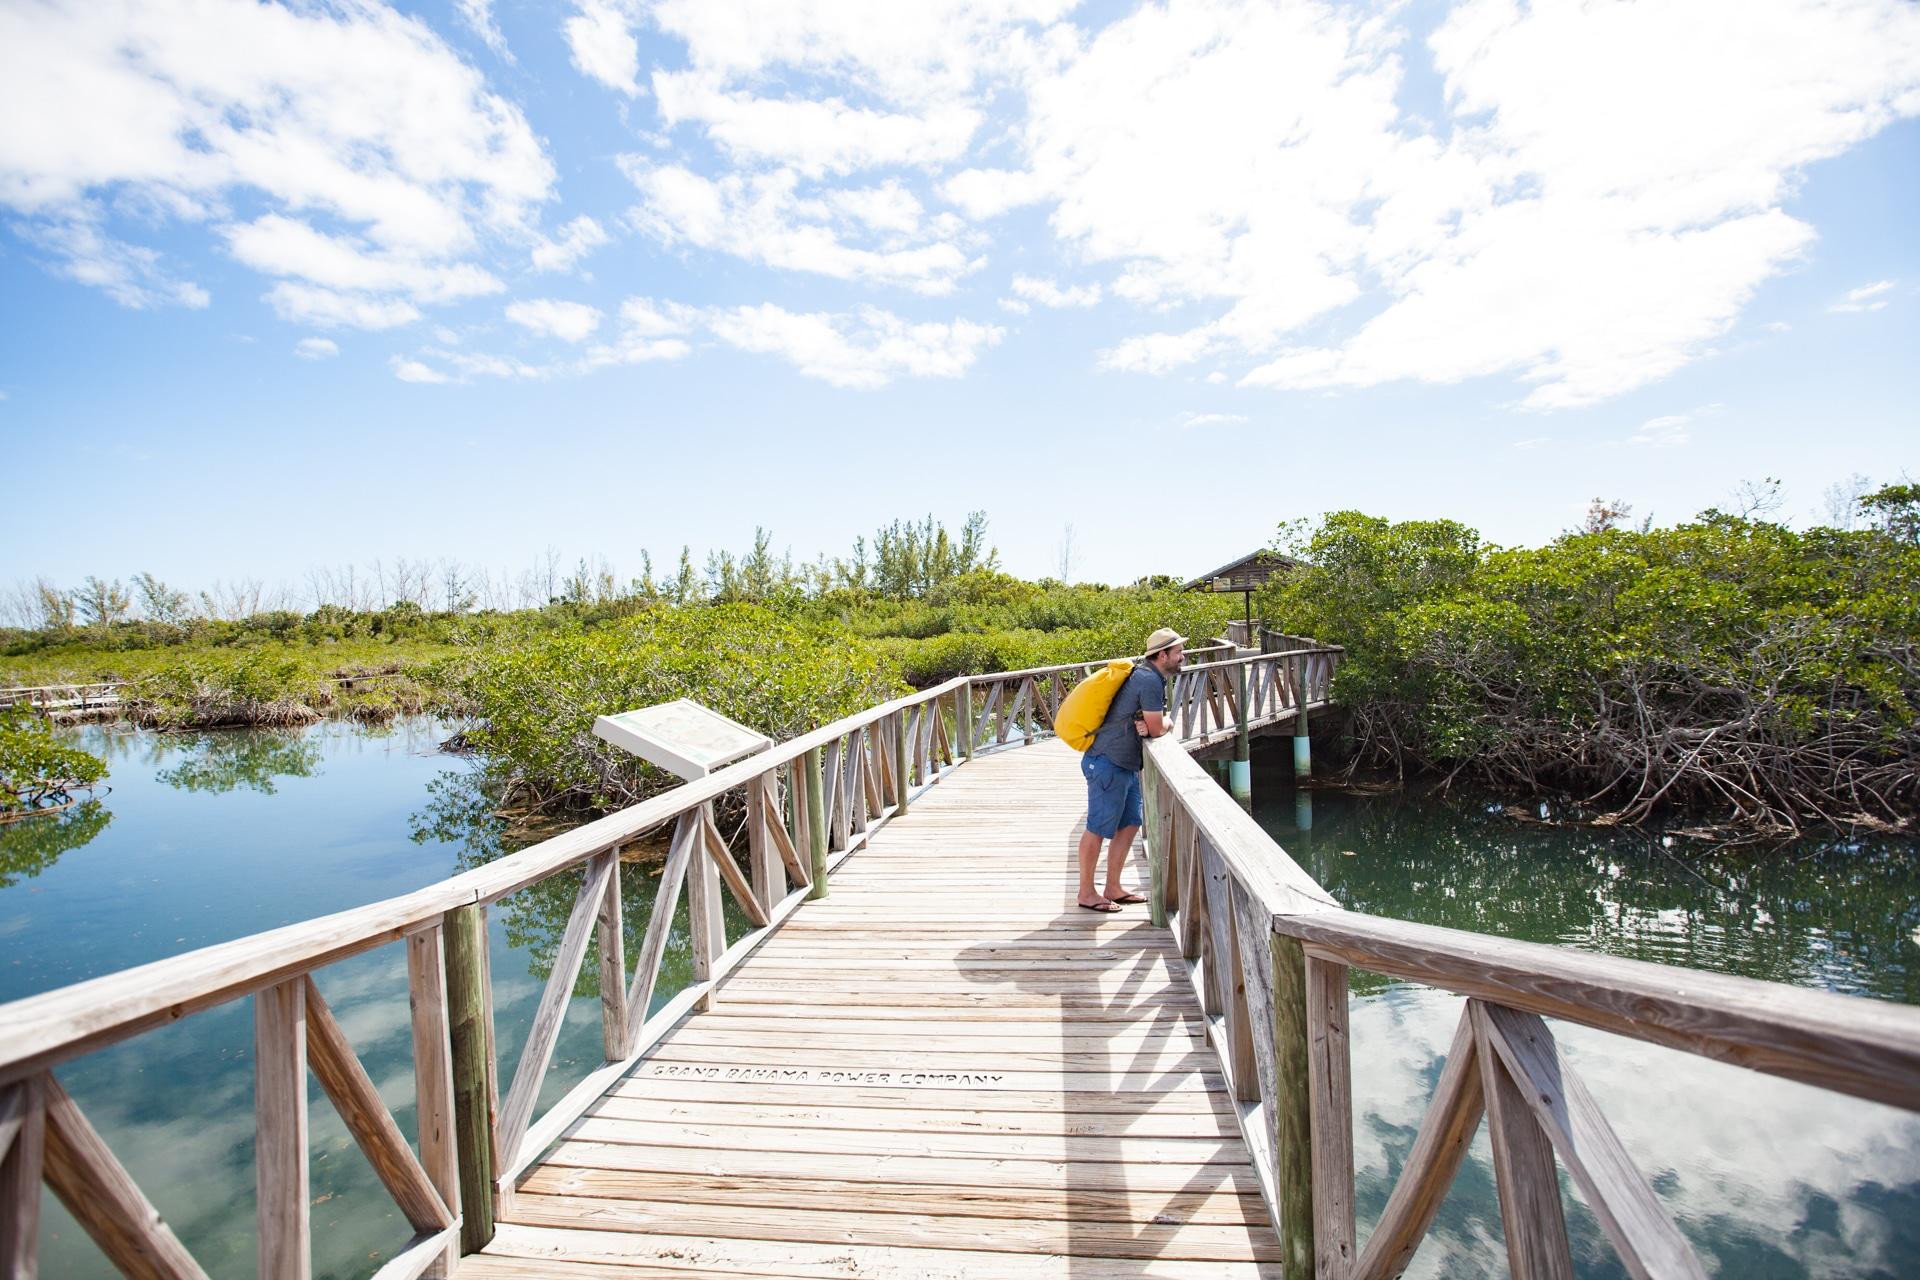 Voyage aux Bahamas Grand Bahama mangrove